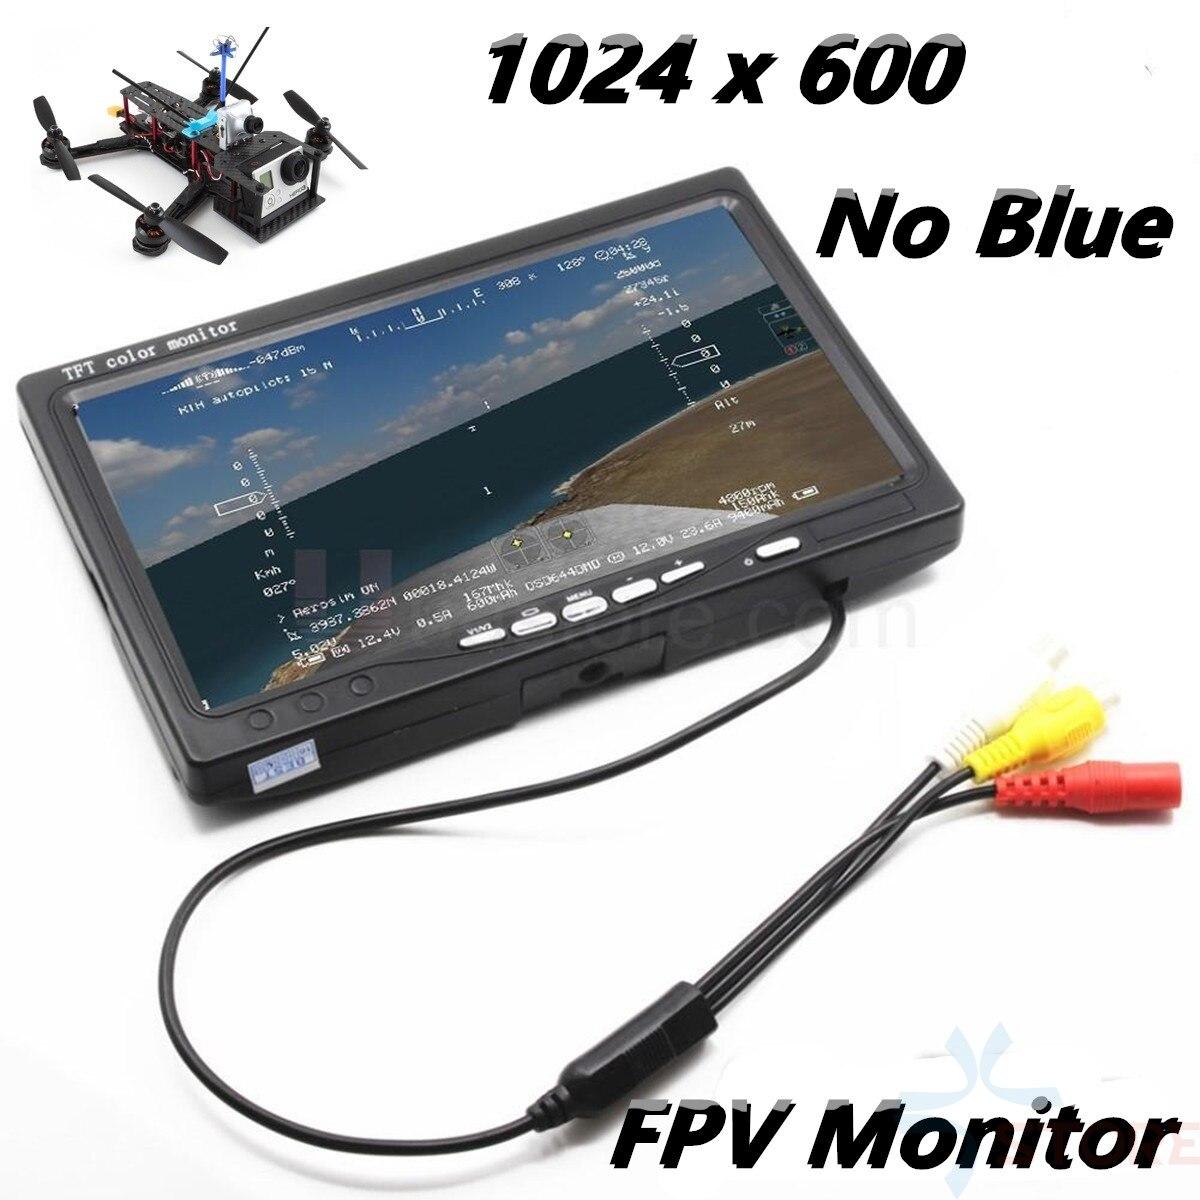 7 polegada TFT LCD FPV Monitor de 1024x600 w/T plug Tela Não azul Monitor de FPV Fotografia para Ground Station Phantom RC Modelo QAV250